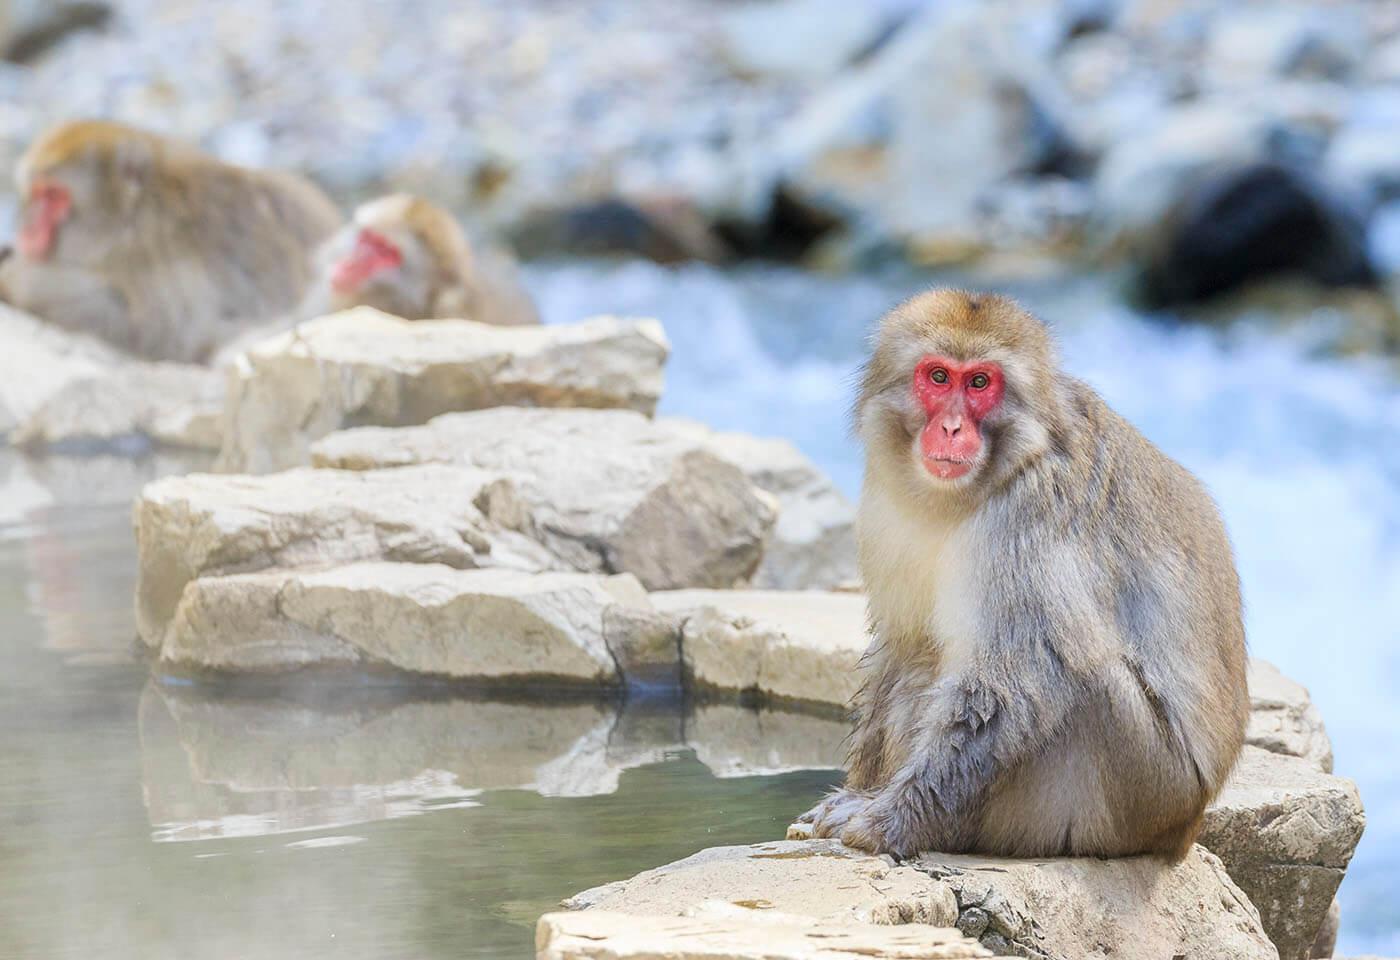 Portrait image of Monkey